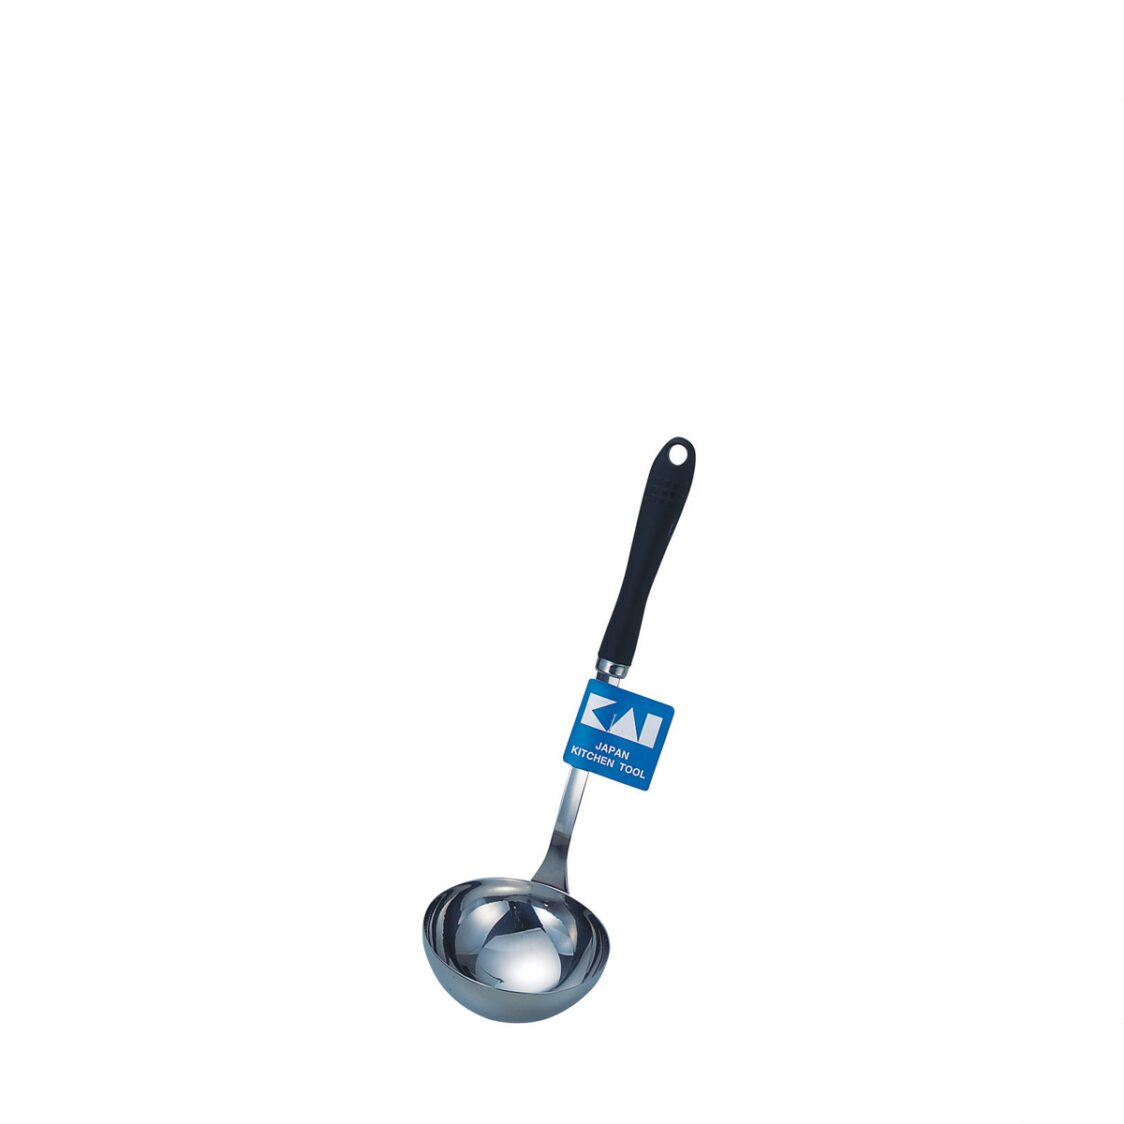 Kai Stainless Steel Soup Ladle  DE-942